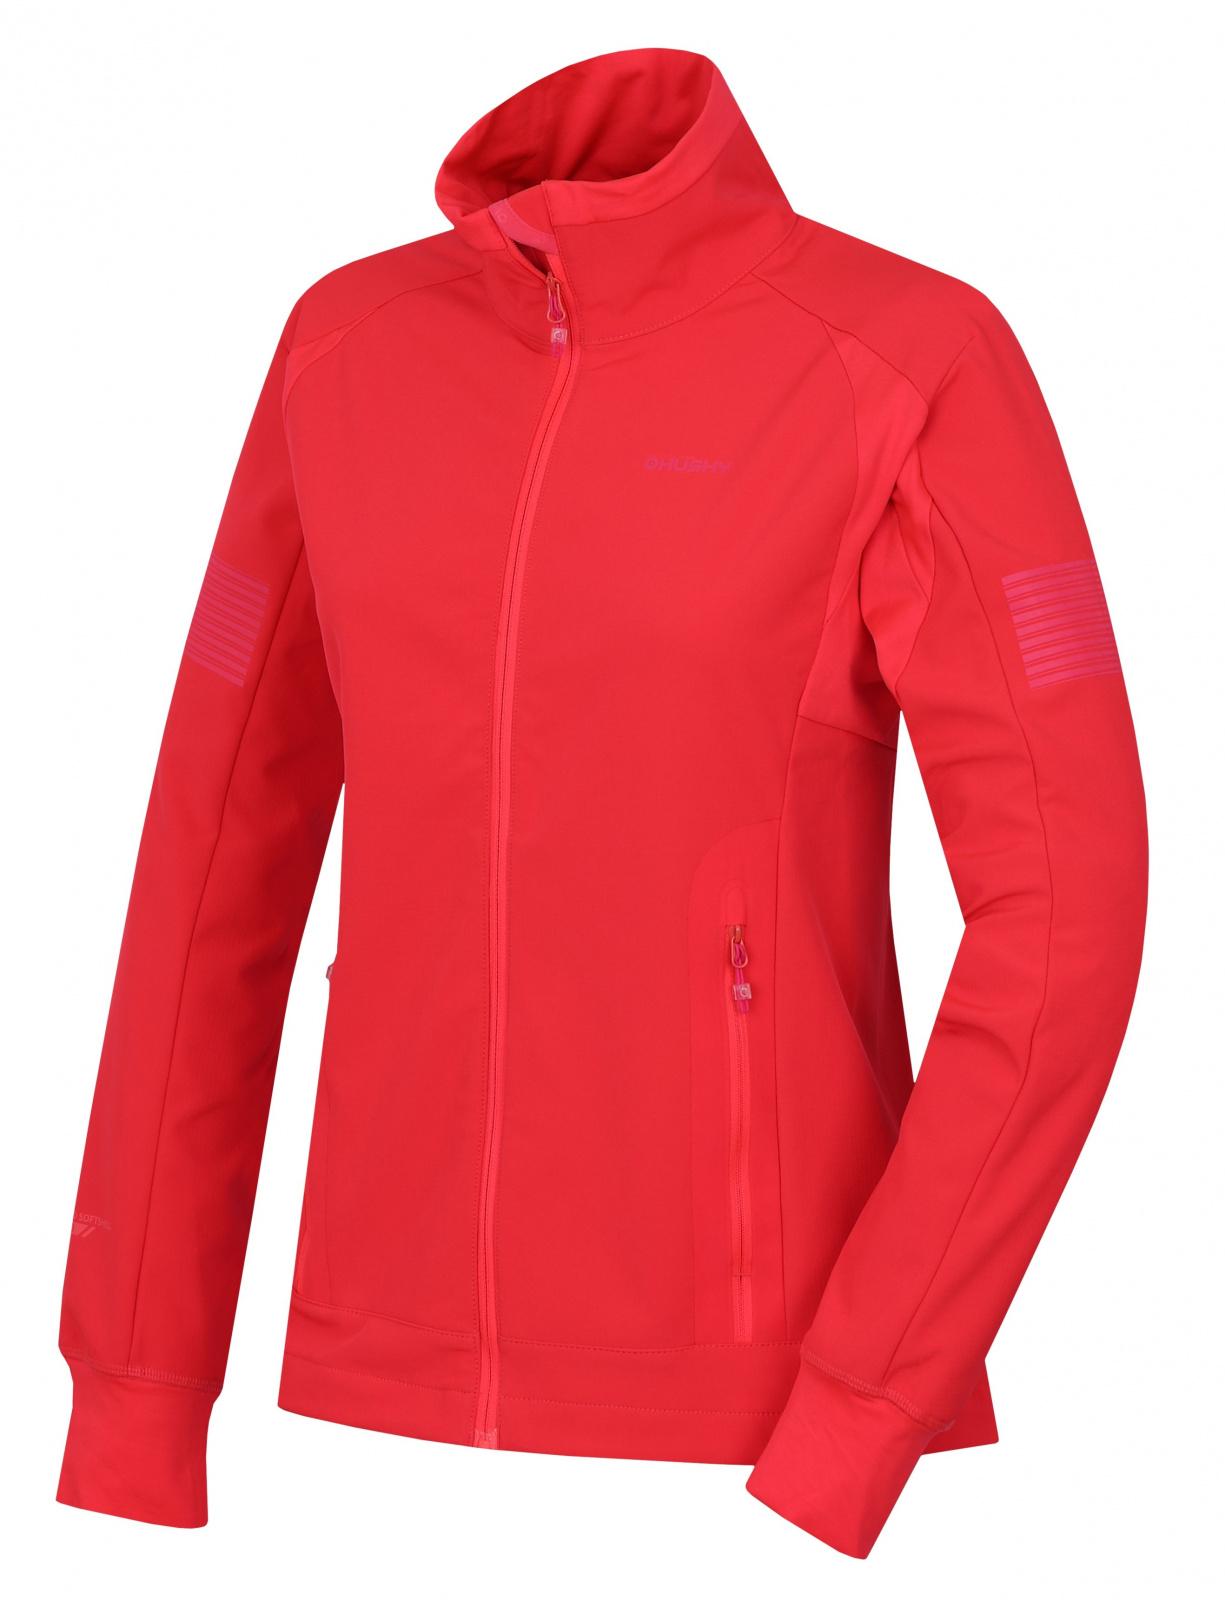 Husky Scooby L neonovo ružová, XL Dámska softshell bunda